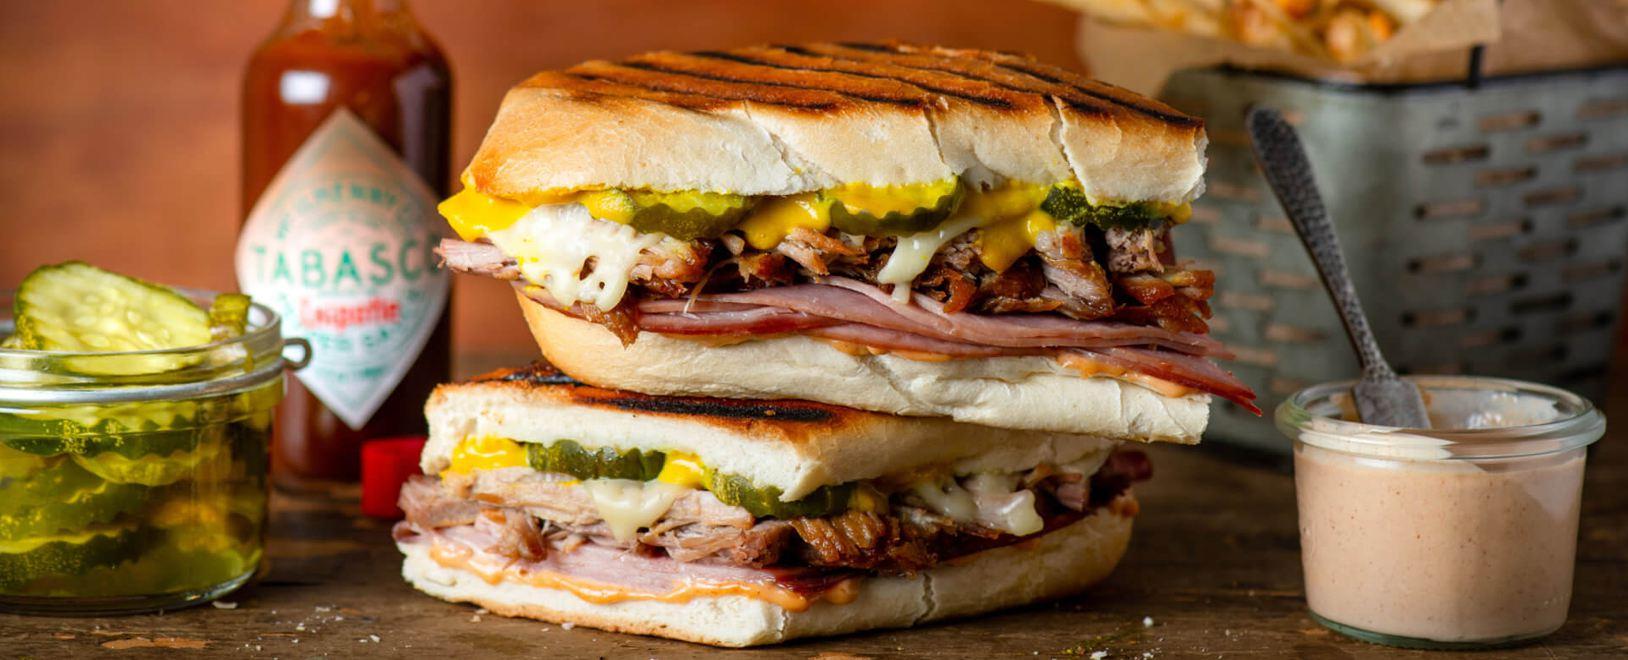 Sauce piquante pour sandwichs